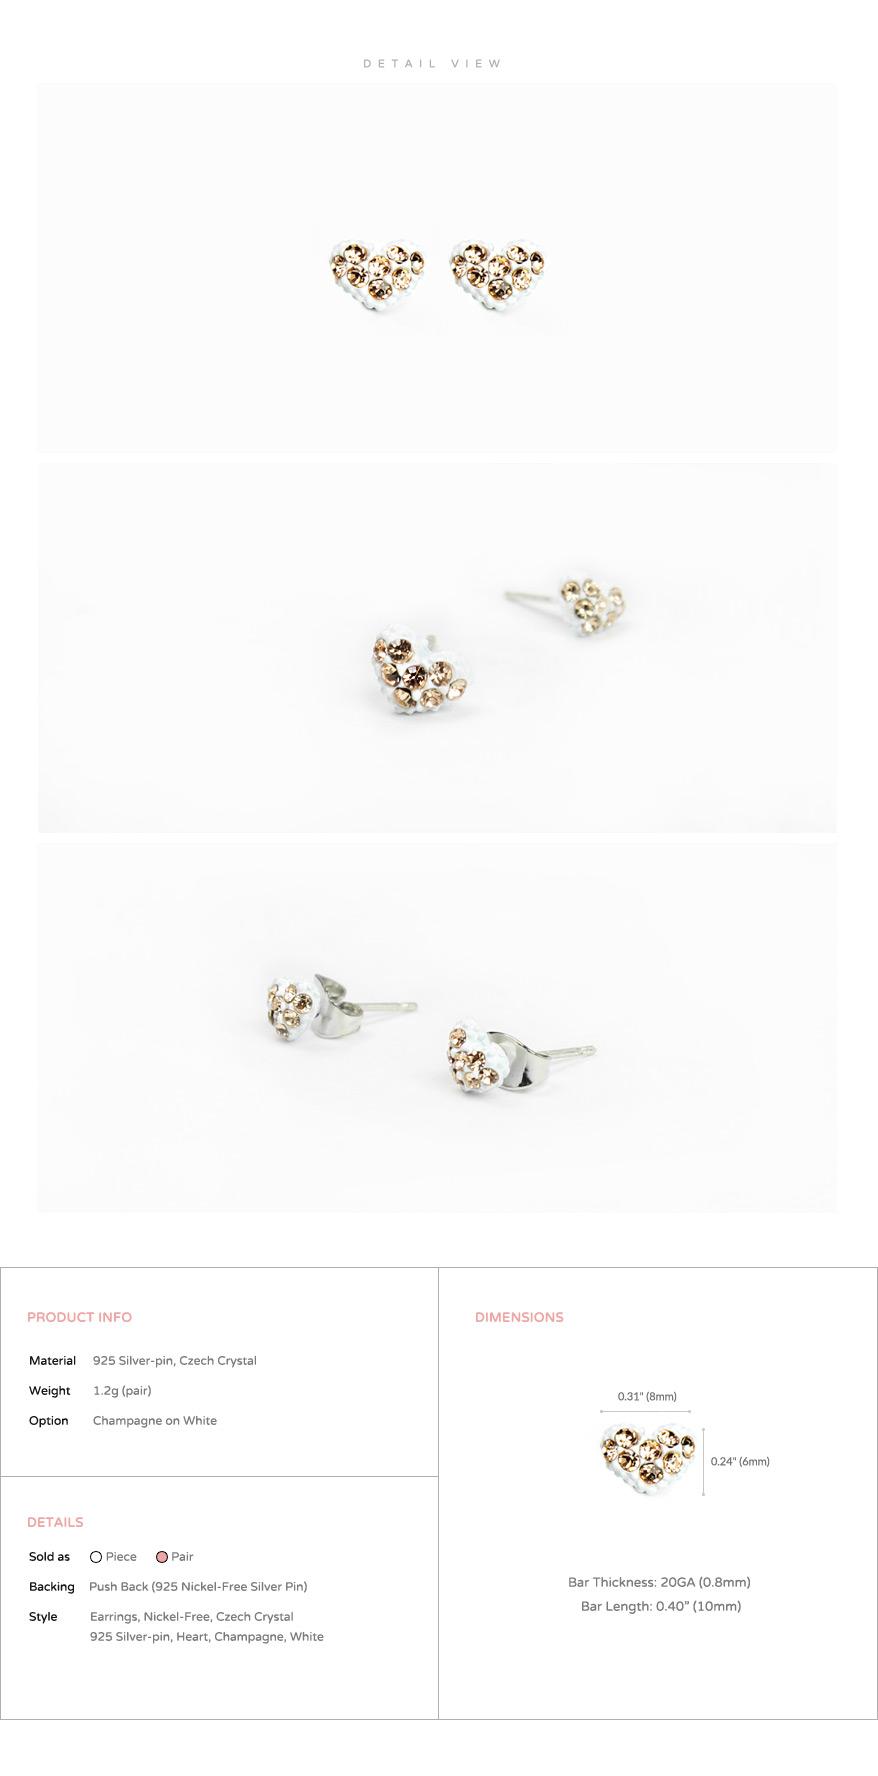 accessories_ear_stud_earrings_korean_asian-style_Crystal_Rhinestone_Czech_925-silver_Nickel-Free_heart_love_white_Champagne_2